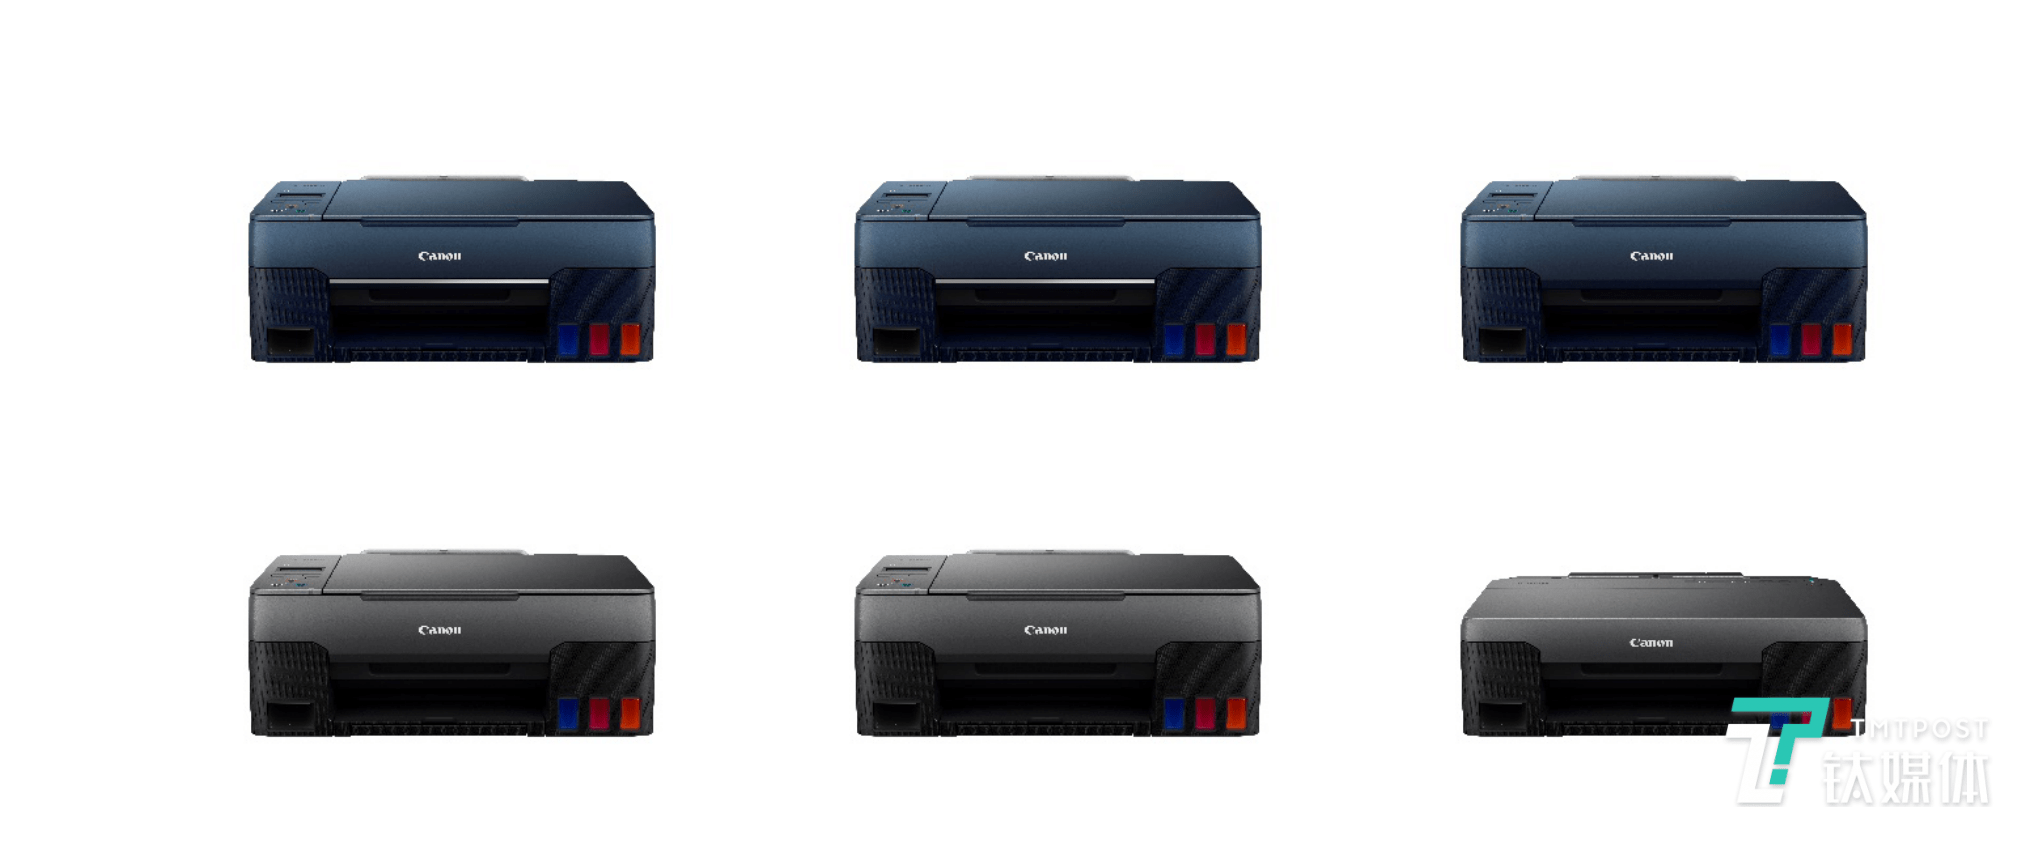 佳能发布新一代G系列打印机,加墨式设计兼顾经济性提升   钛快讯